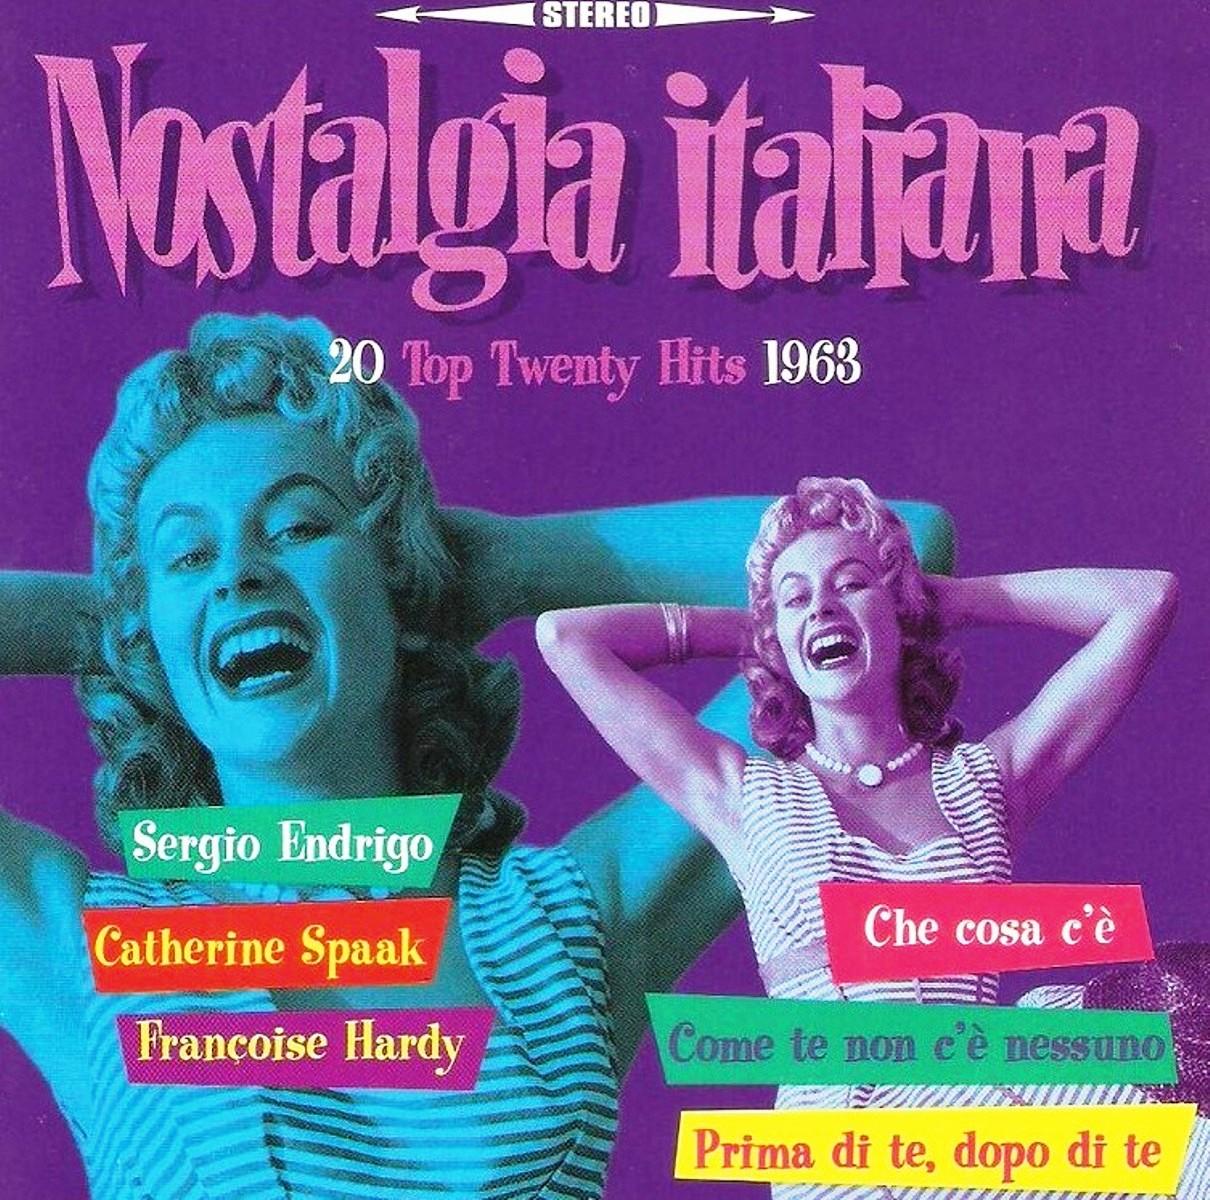 http://4.bp.blogspot.com/-y178vEuMFVA/TmLW0p7eMhI/AAAAAAAABwg/yYIm_i5nOjo/s1600/1963+-+Nostalgia+Italiana+%25281%2529.jpg